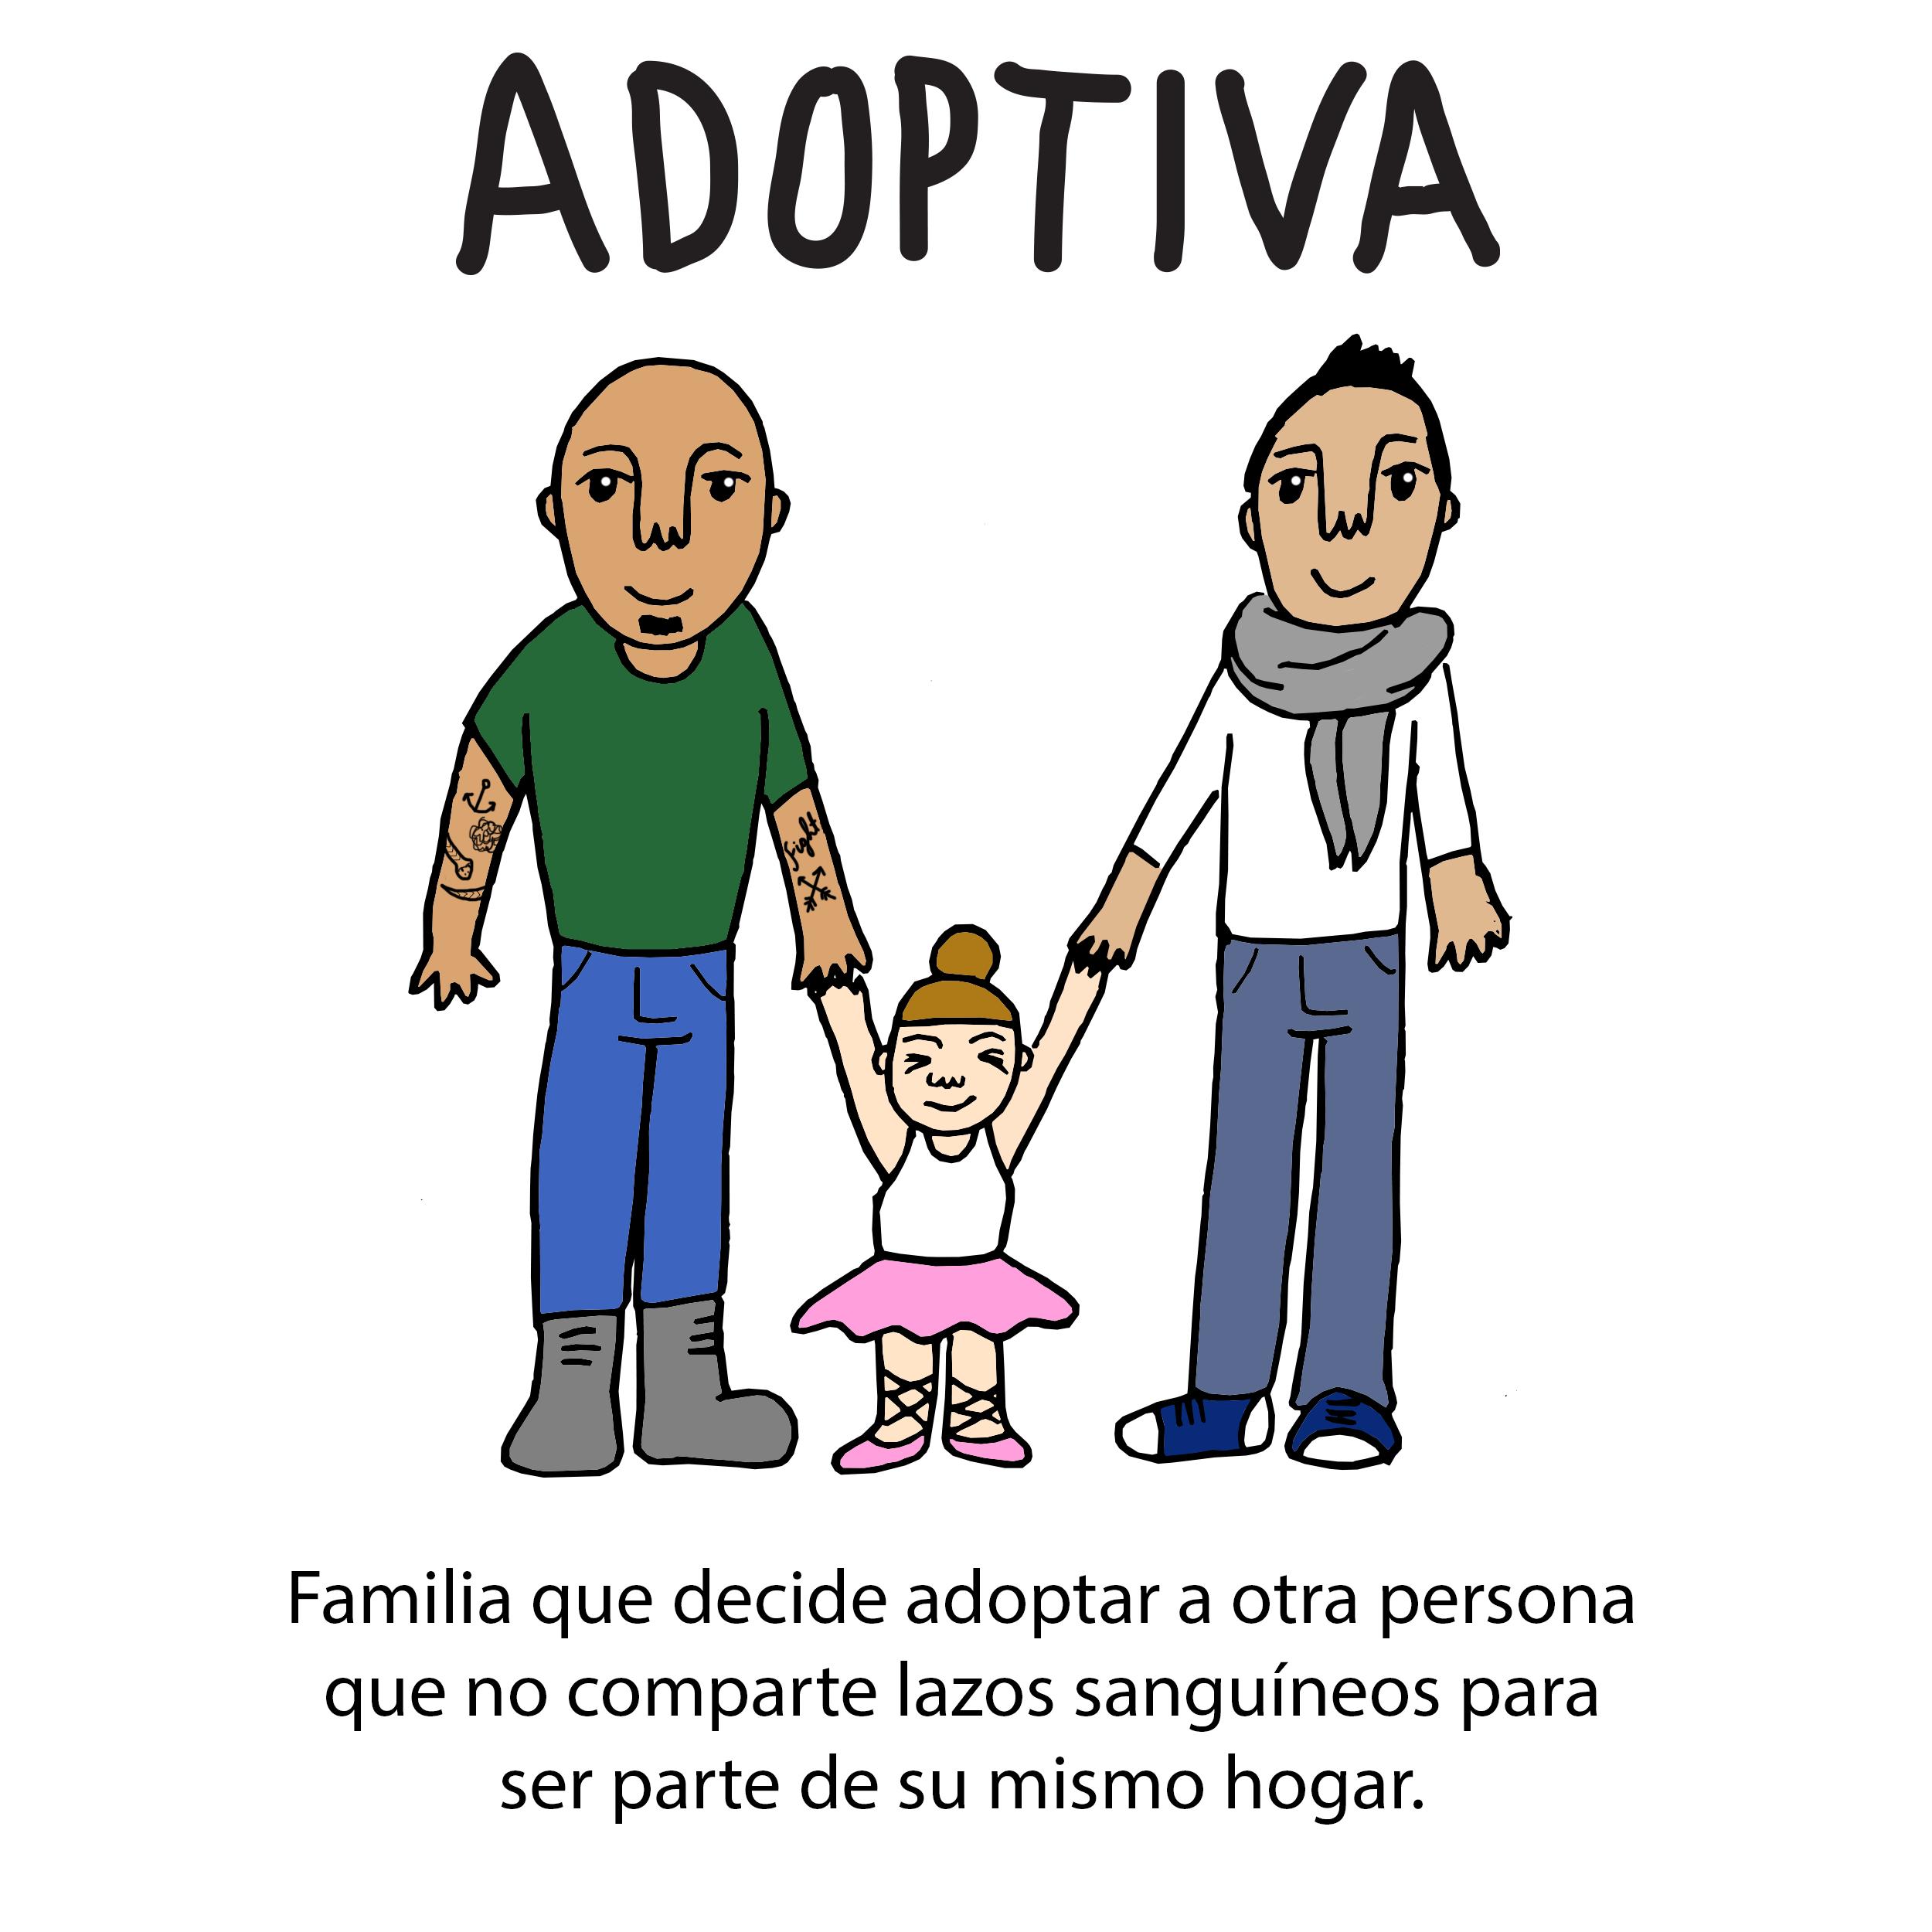 sexo putas com familia adoptiva